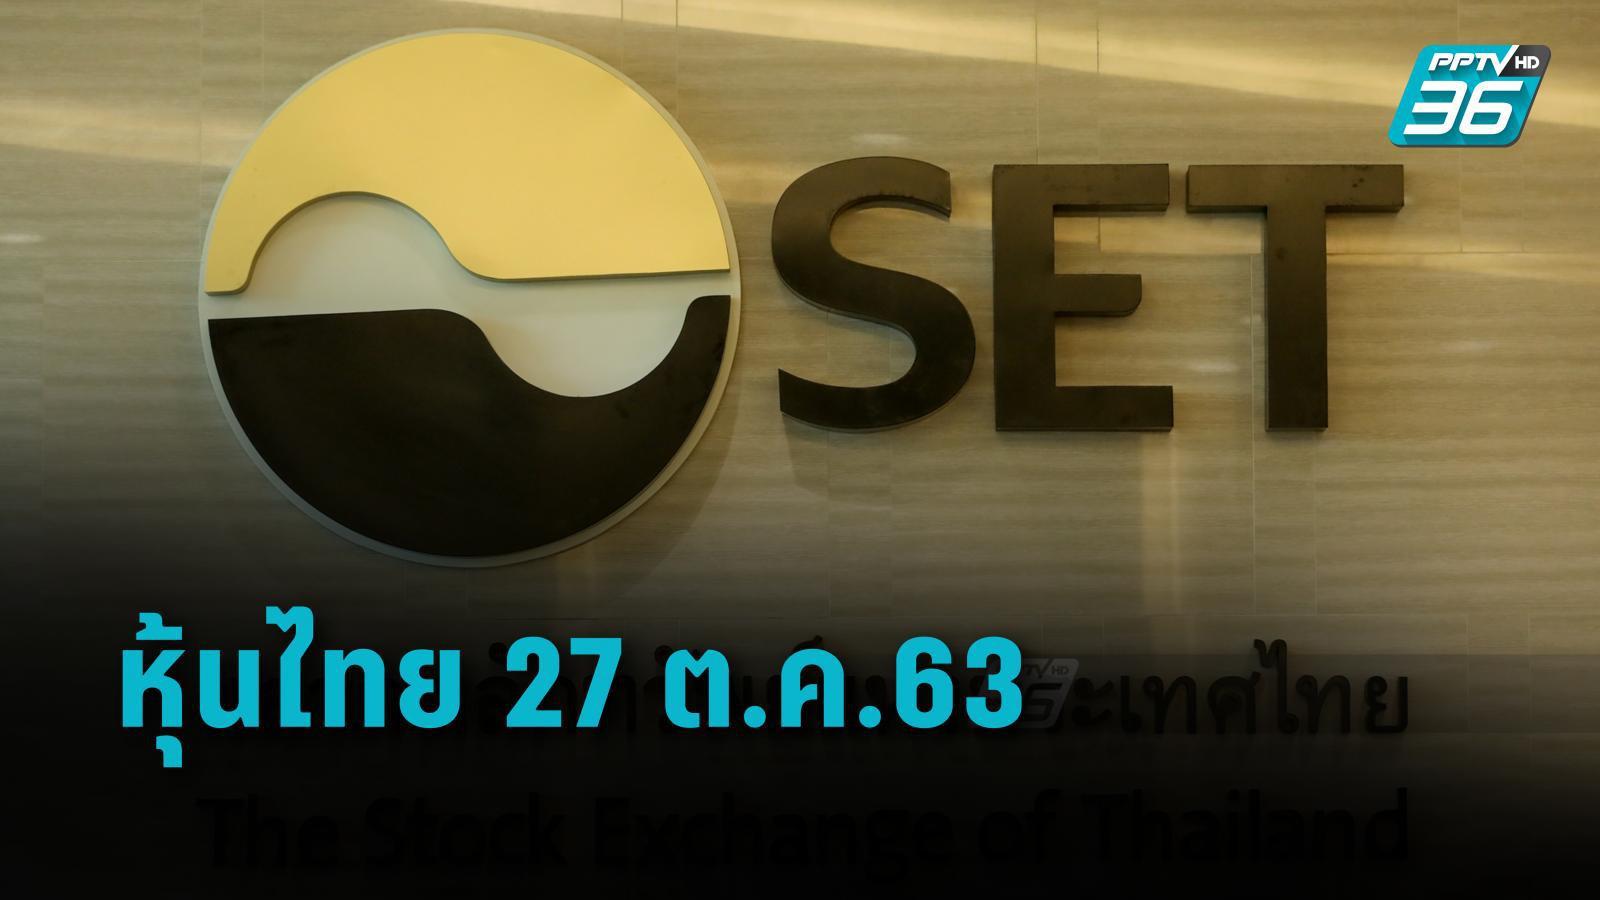 หุ้นไทยวันนี้ (27 ต.ค.) เปิดการซื้อขายที่  1,202.19 จุด ลดลง 5.78 จุด